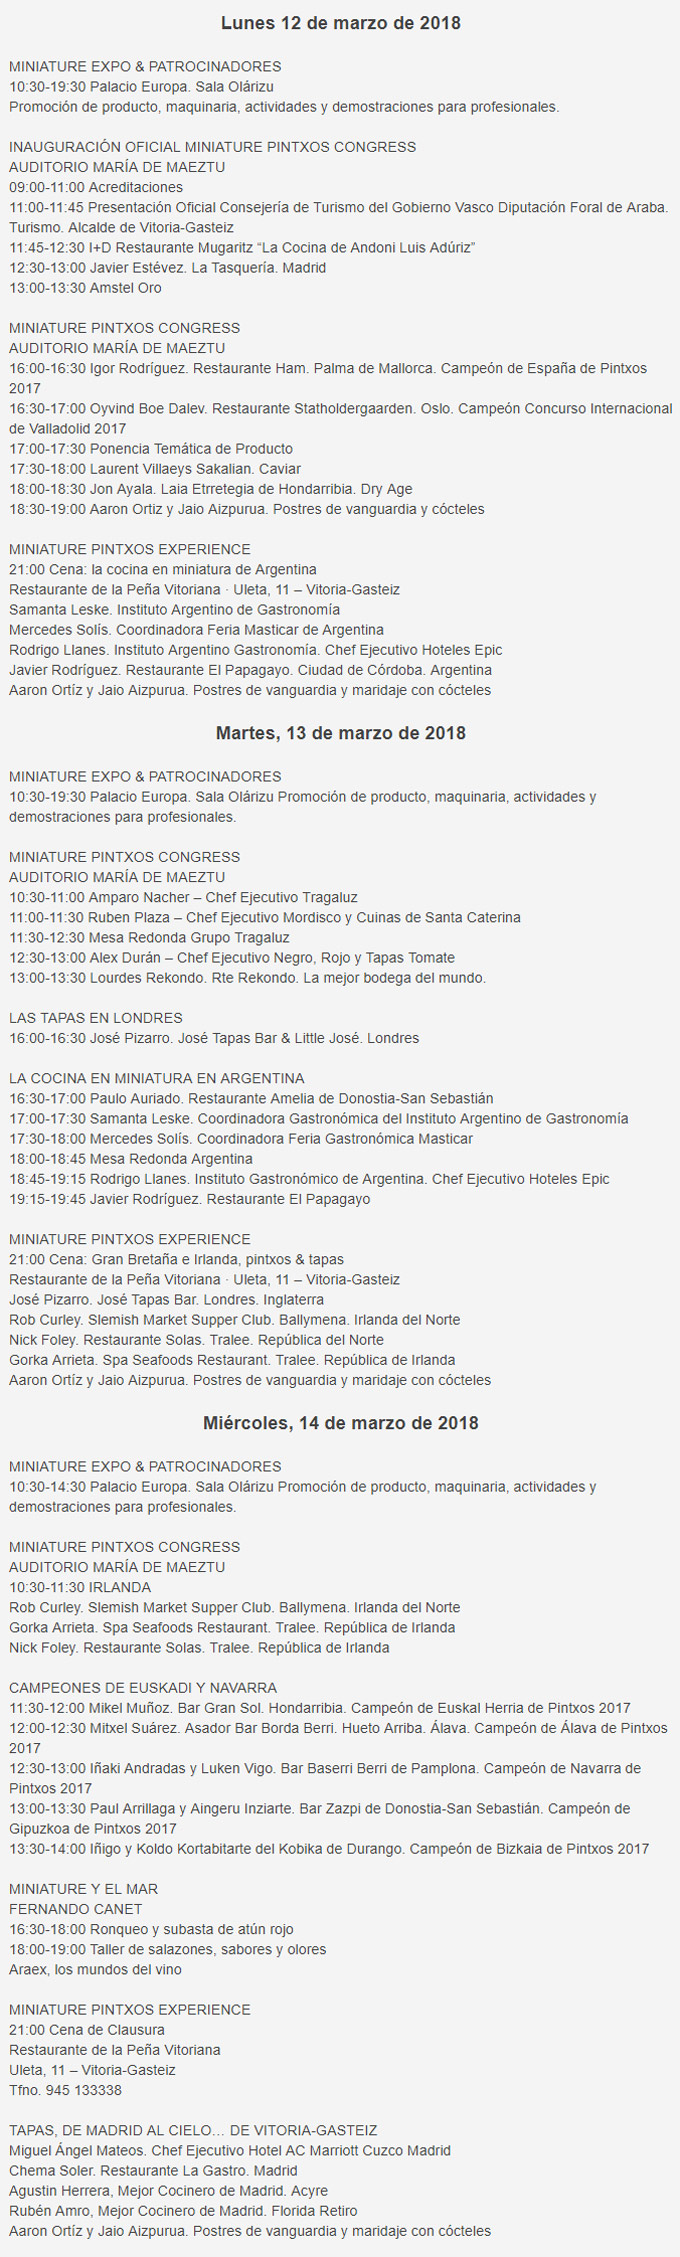 Congreso de Pinchos Miniature 2018